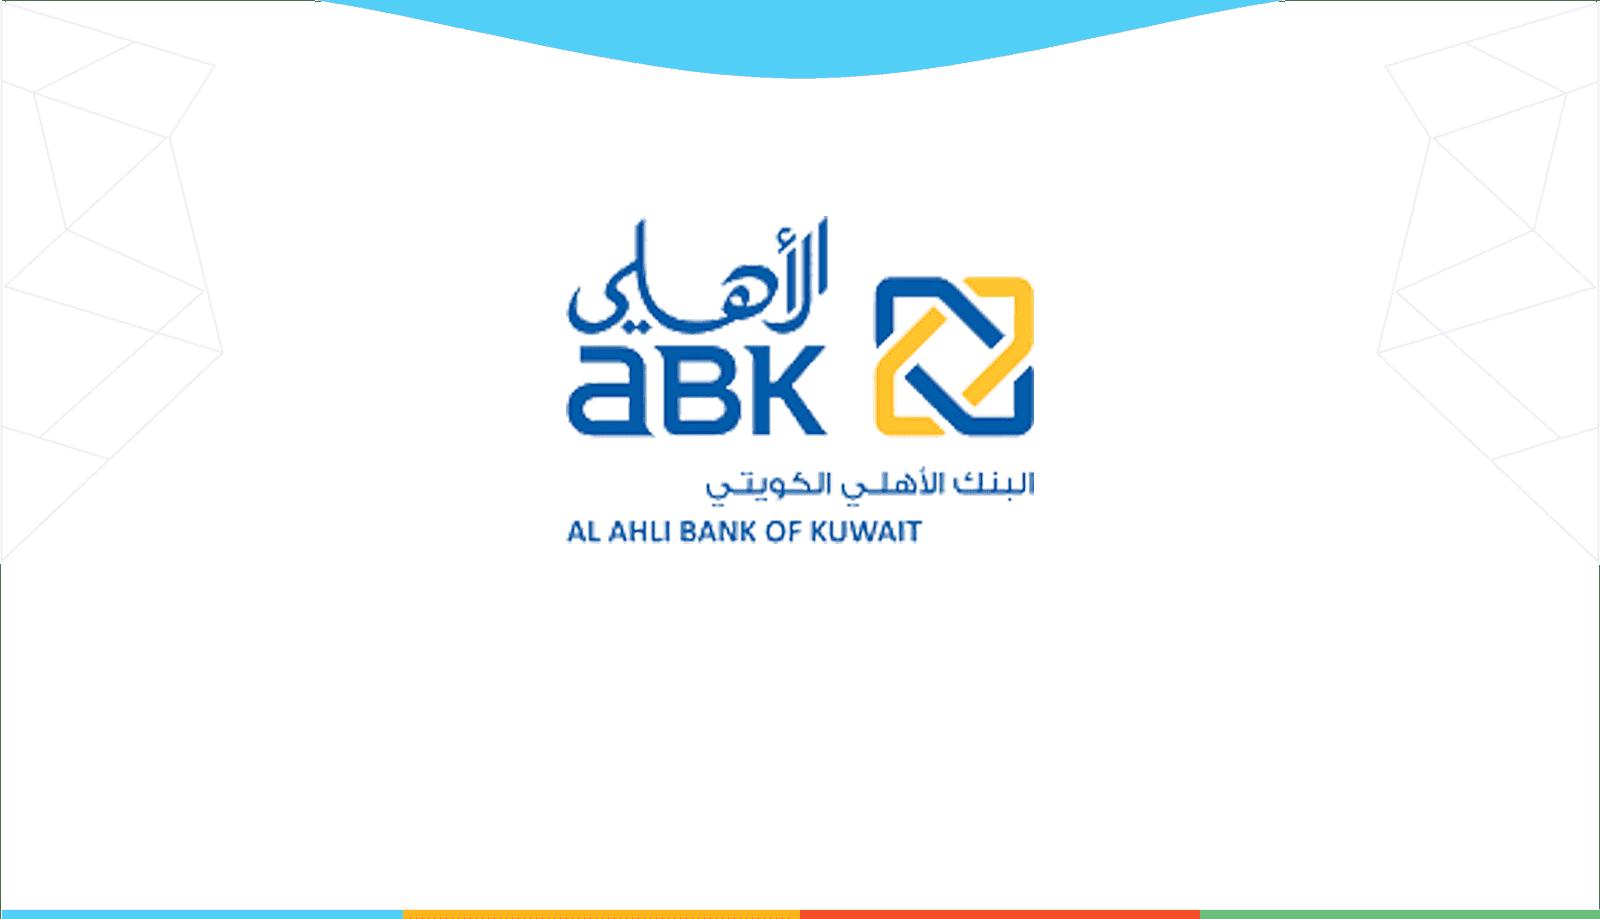 ABK Egypt careers | SMS's Utilization Officer وظائف البنك الأهلي الكويتي